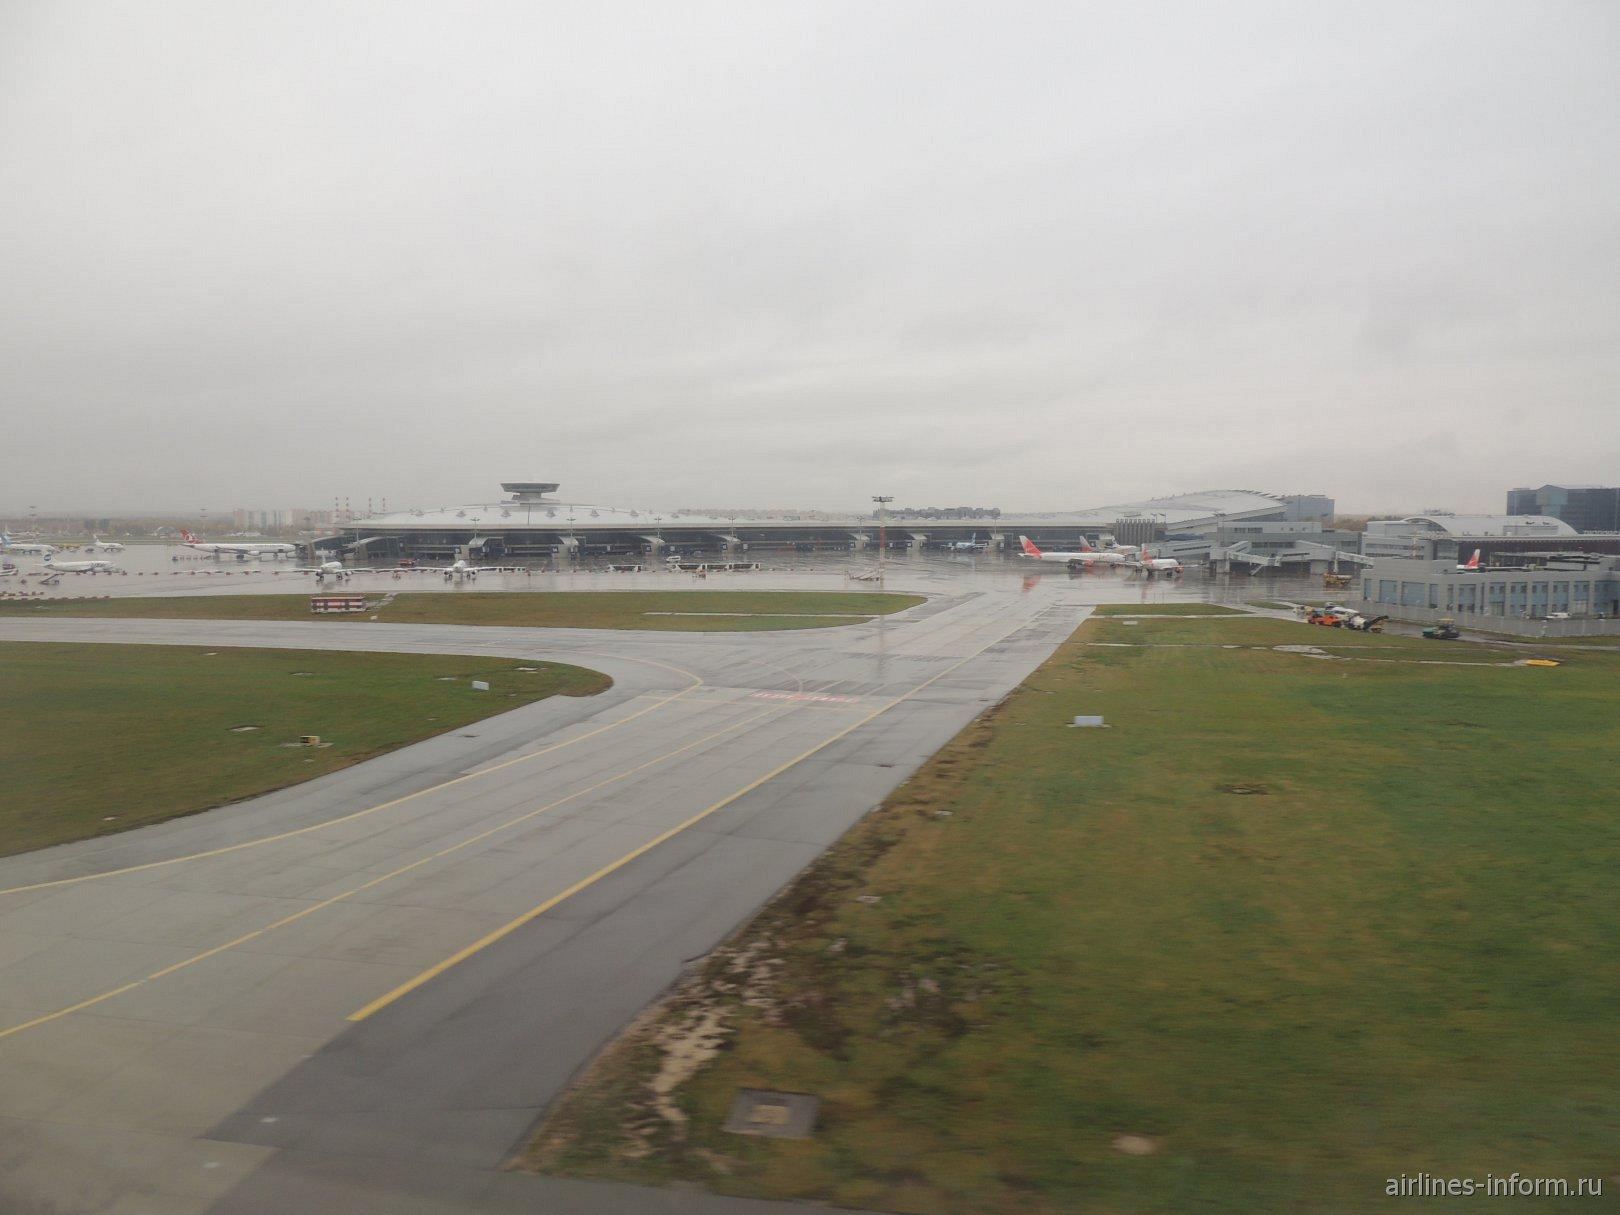 Пассажирские терминалы и перрон аэропорта Москва Внуково